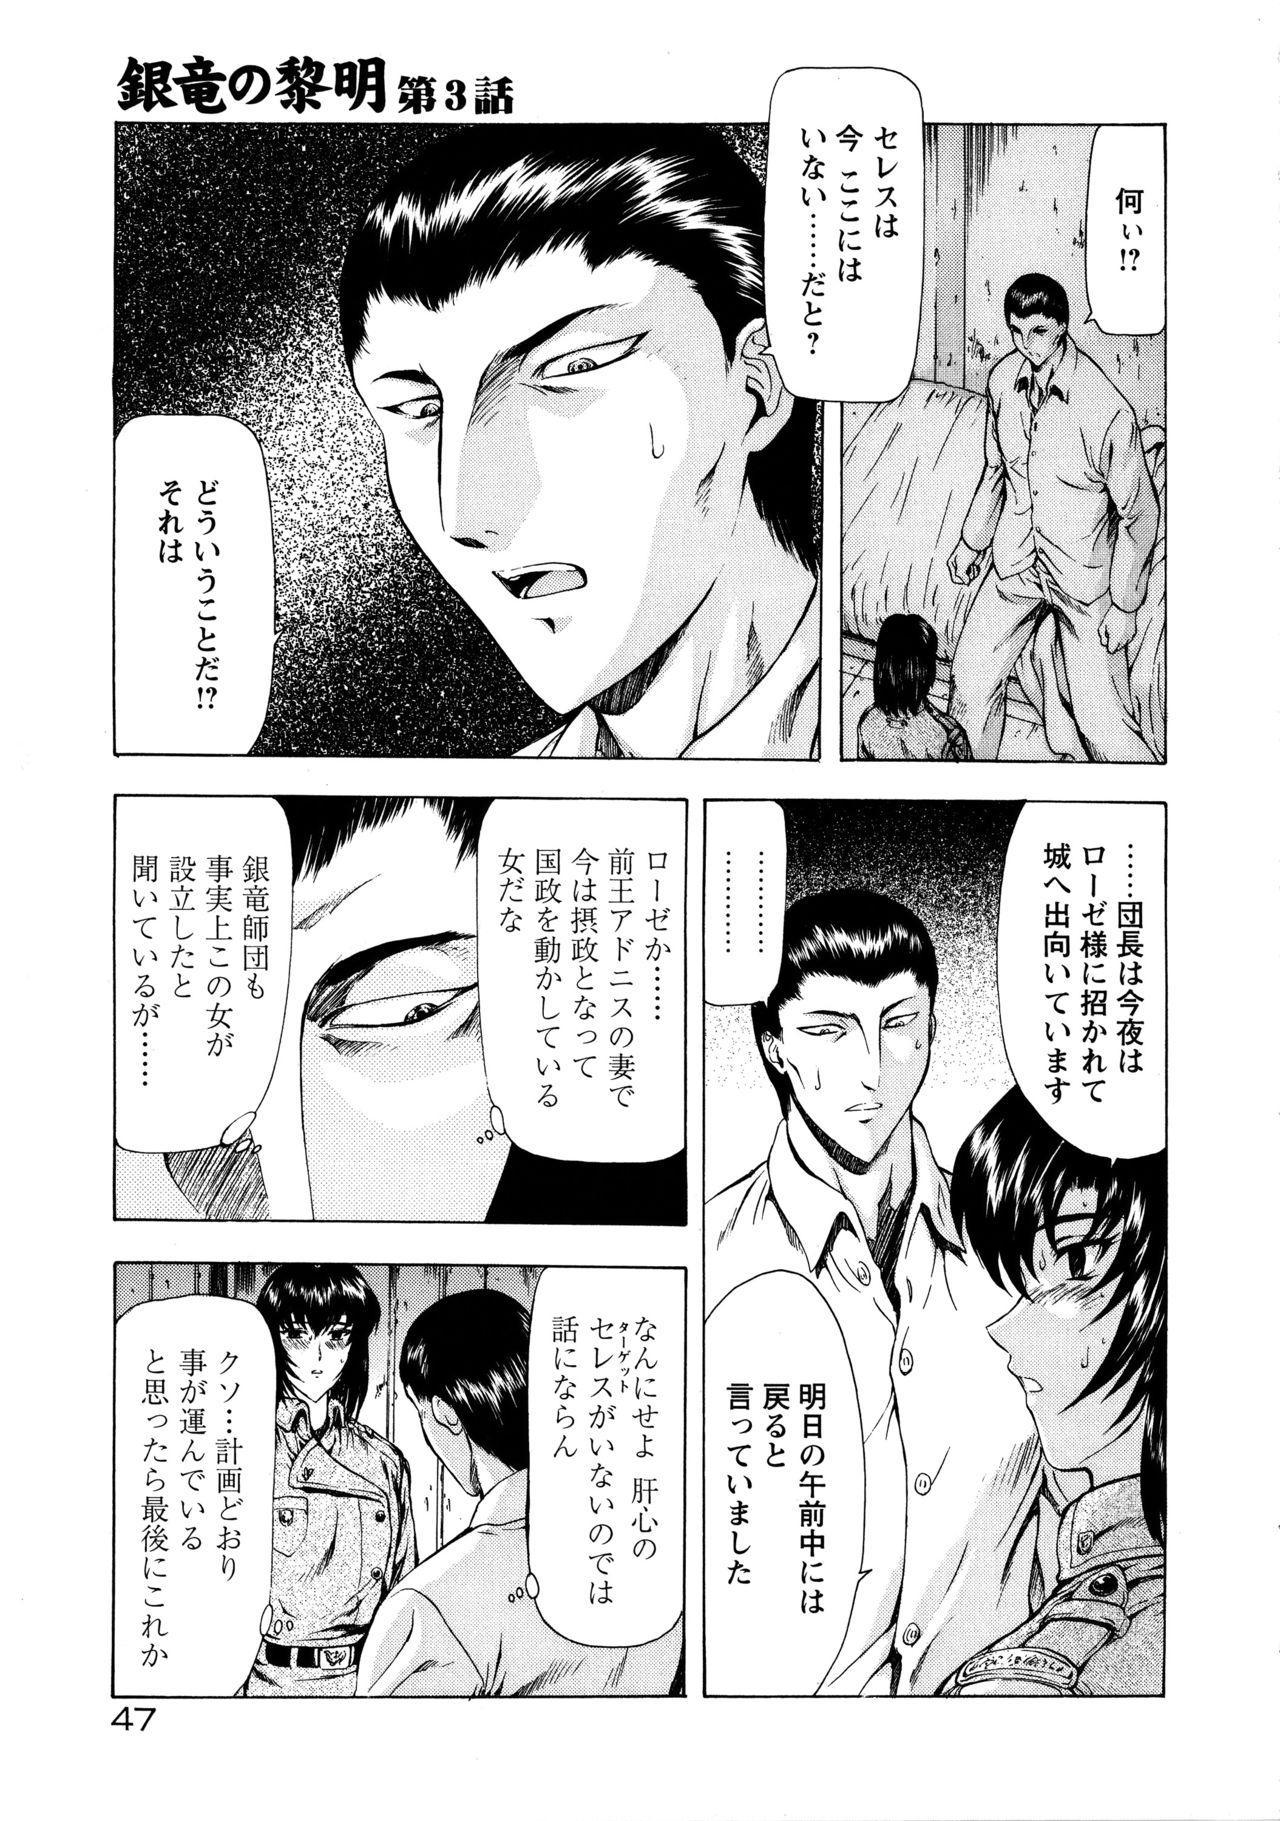 Ginryuu no Reimei Vol. 1 54